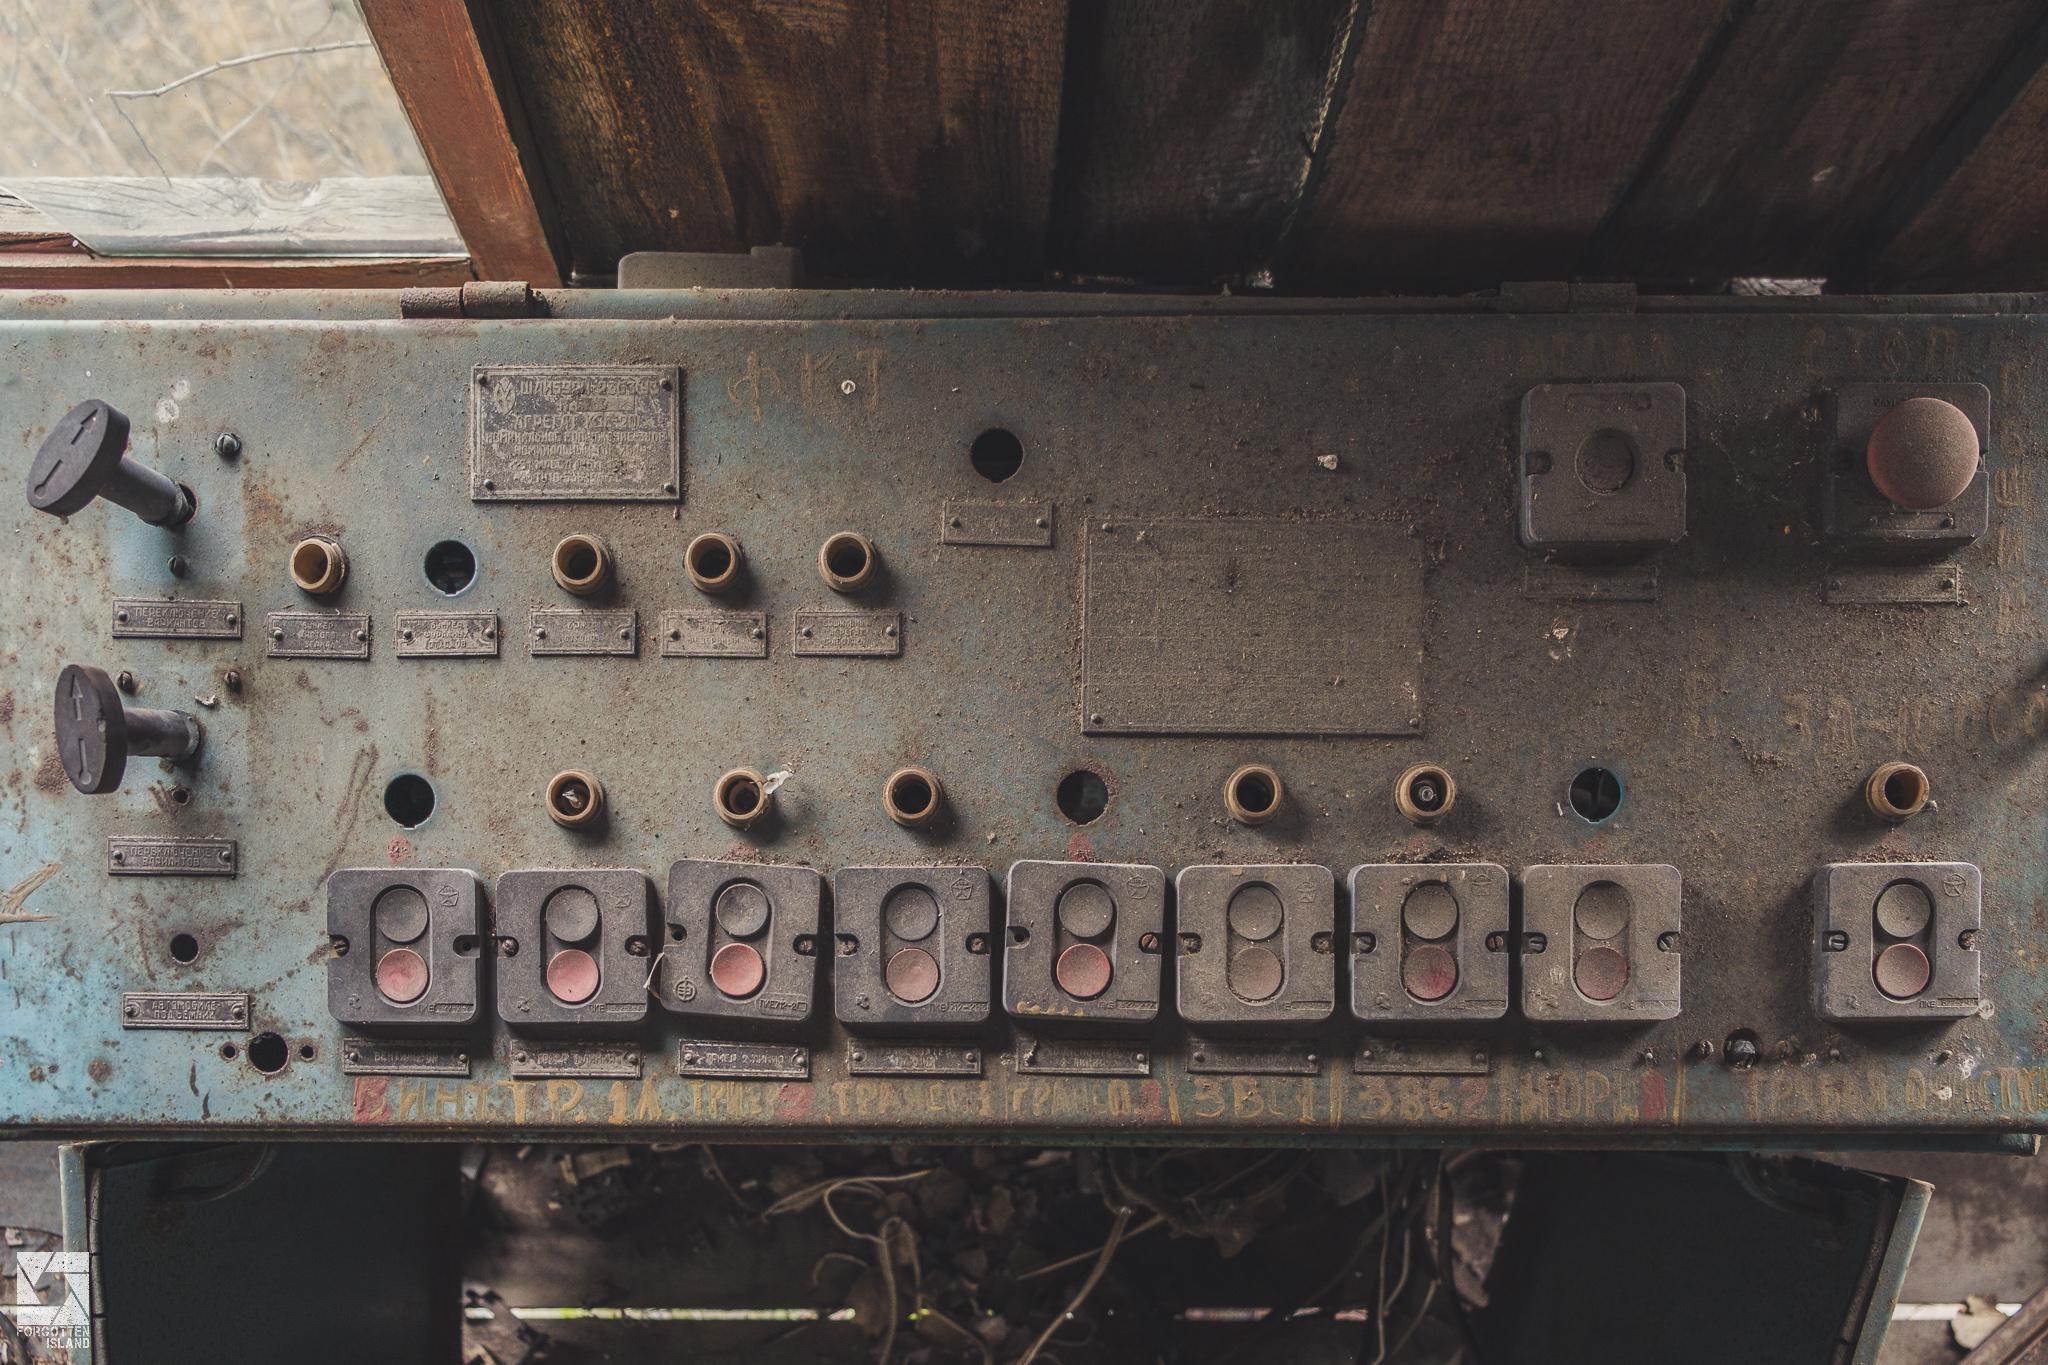 Chernobyl-Zymovyshche-Grain-Elevator-06.